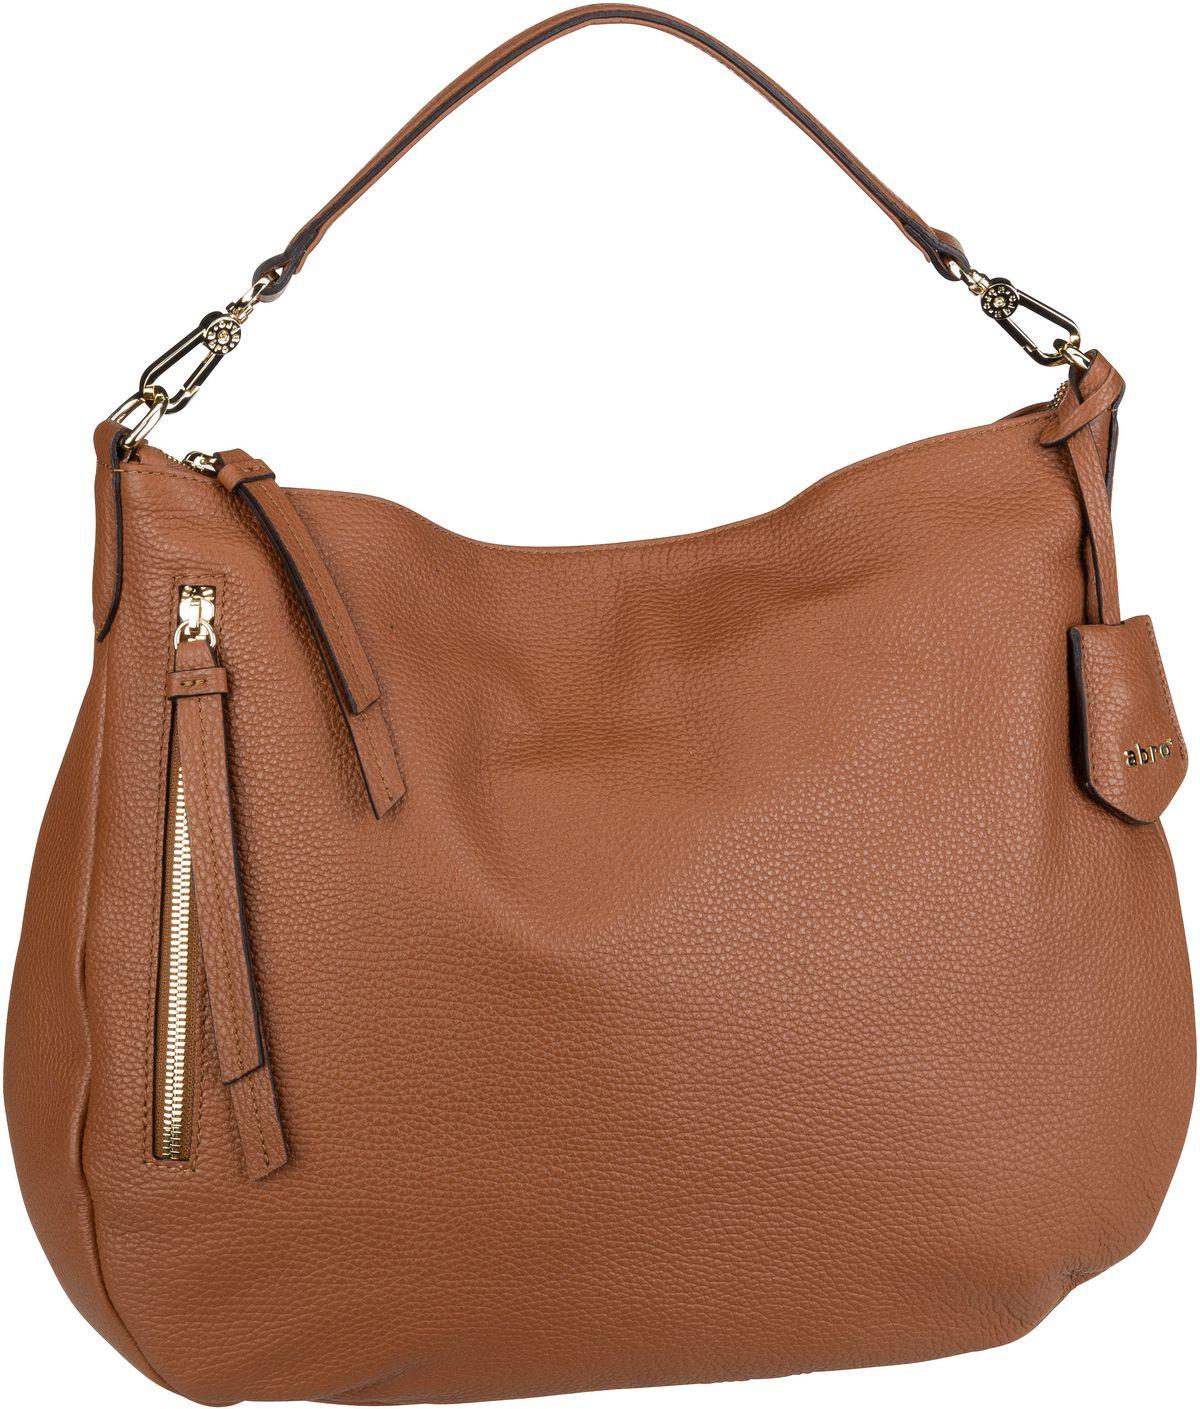 Handtasche Juna 28826 Cognac